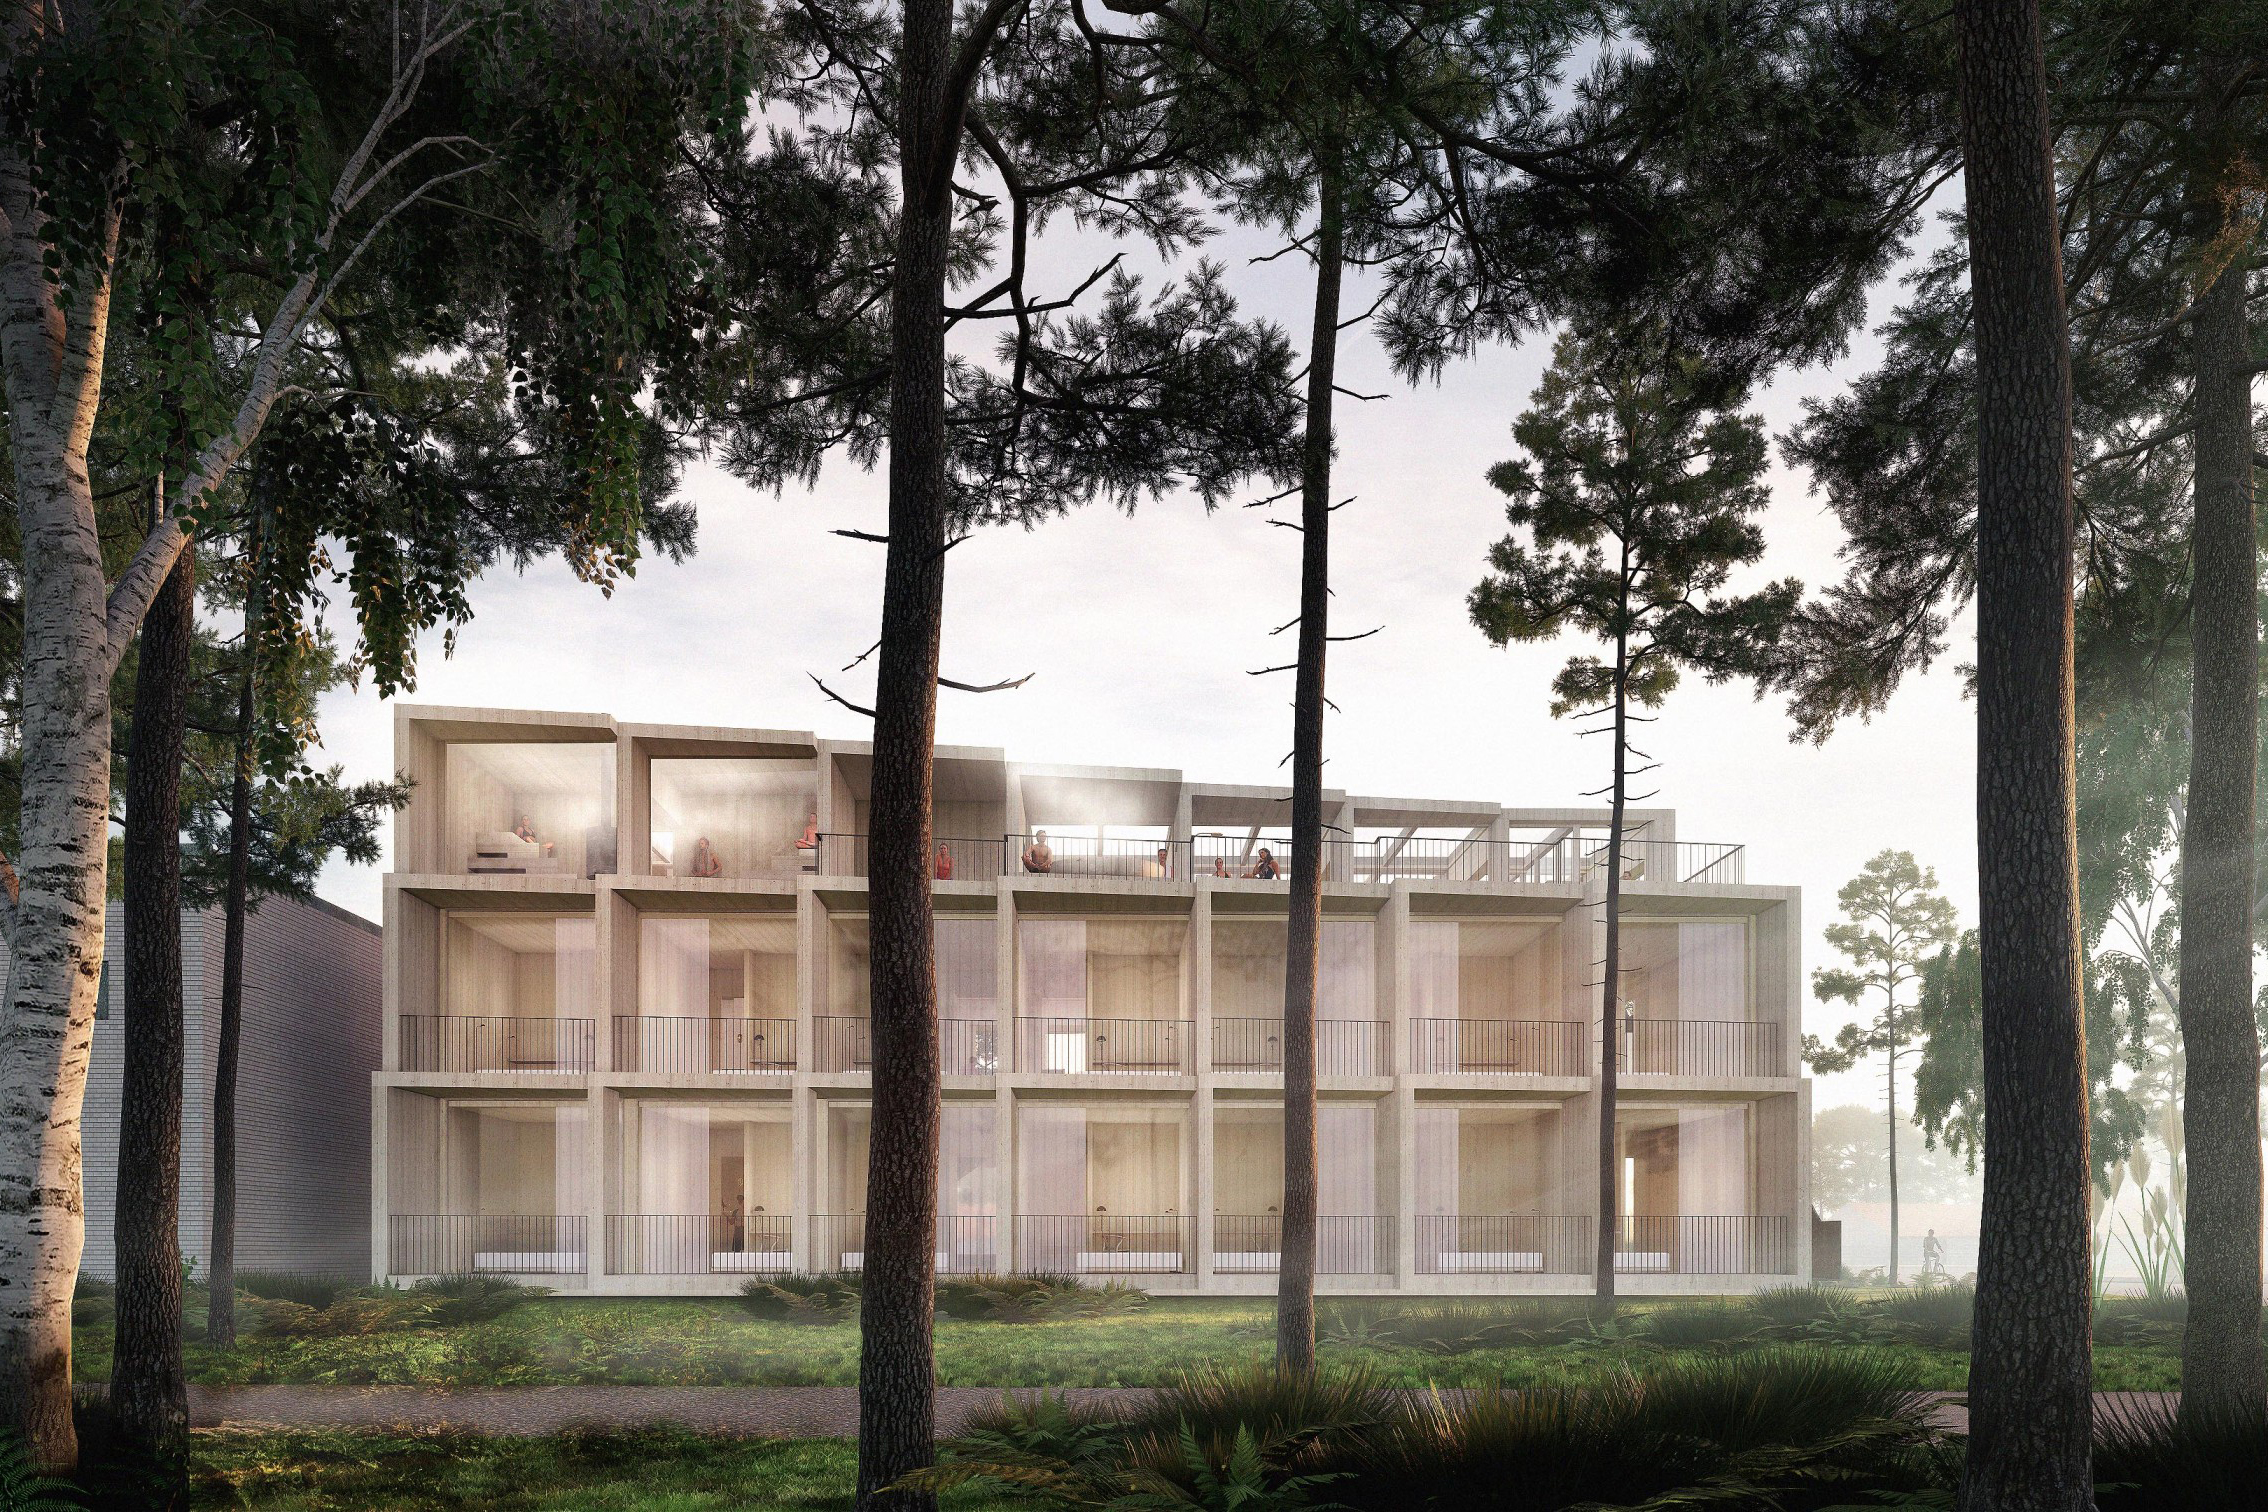 Bornholmsk hotel i Rønne sigter på at blive klimapositivt.